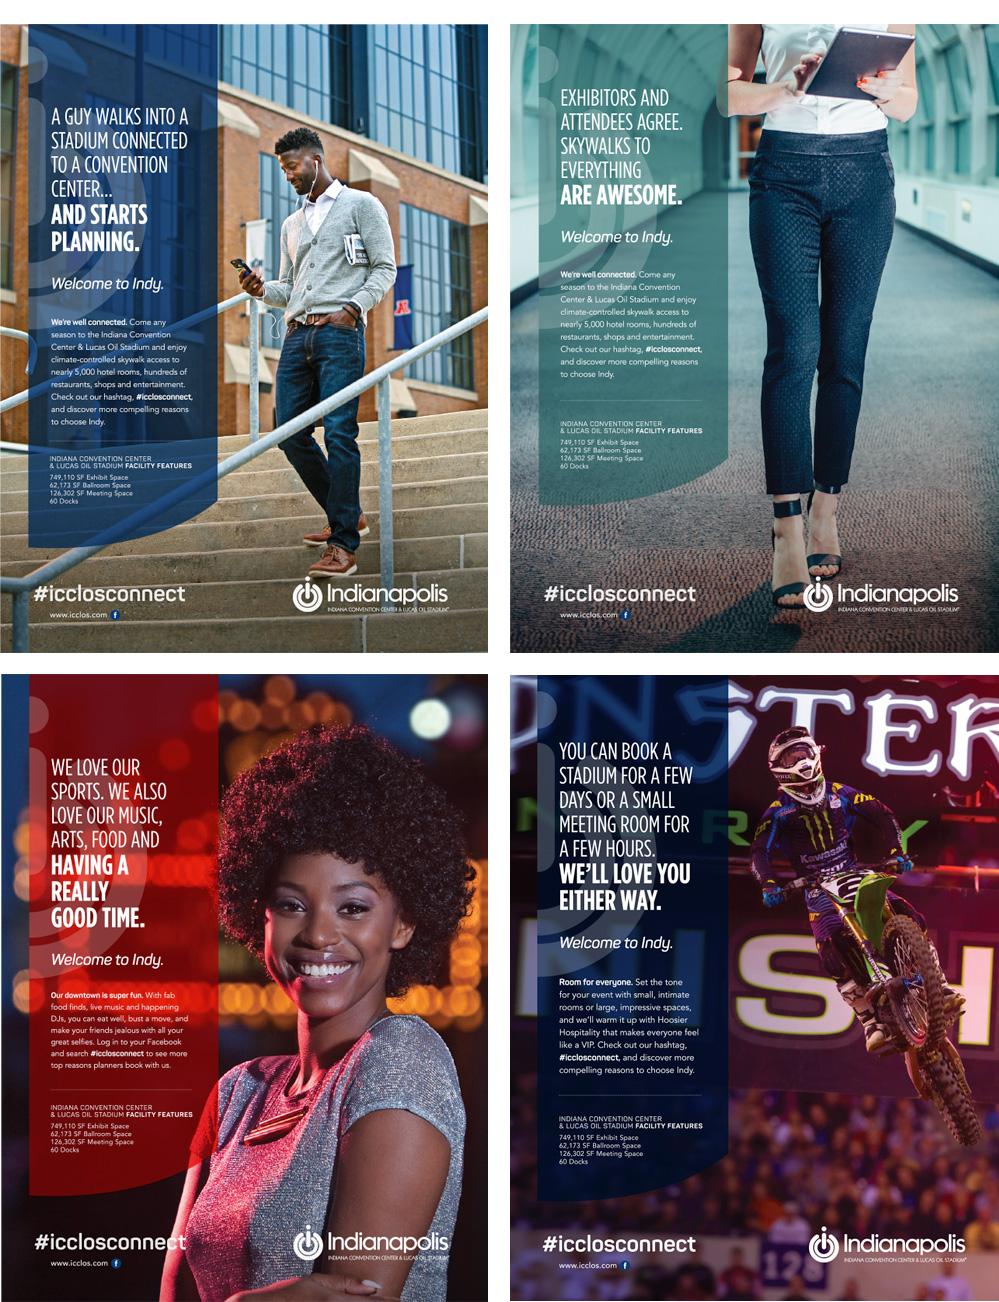 2017 Trade Ad Campaign